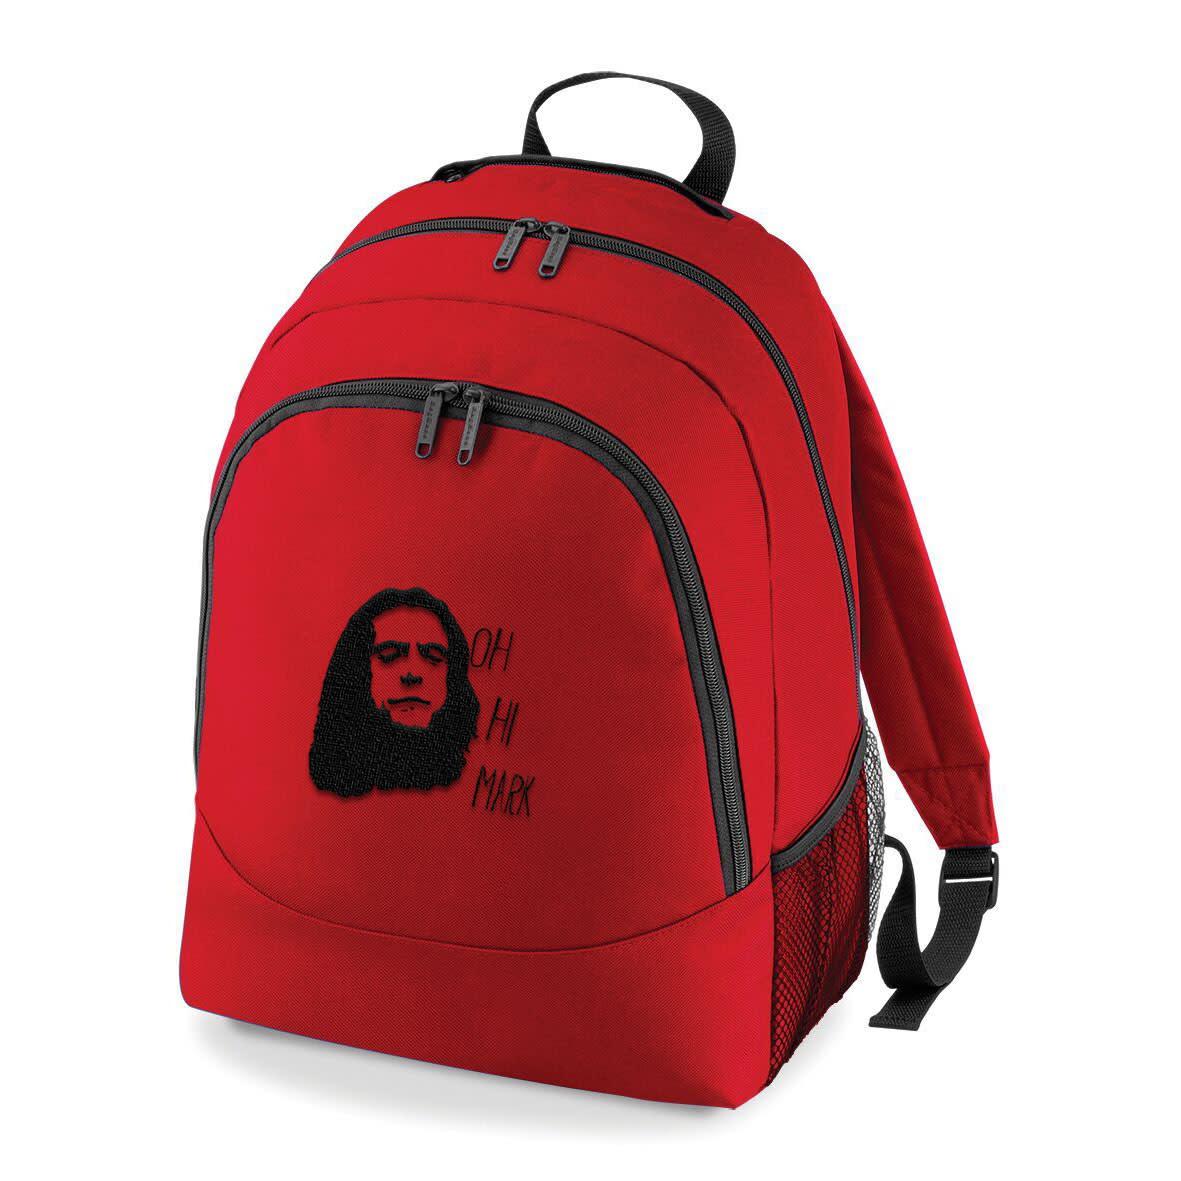 Tommy Wissau The Room Rucksack Bag